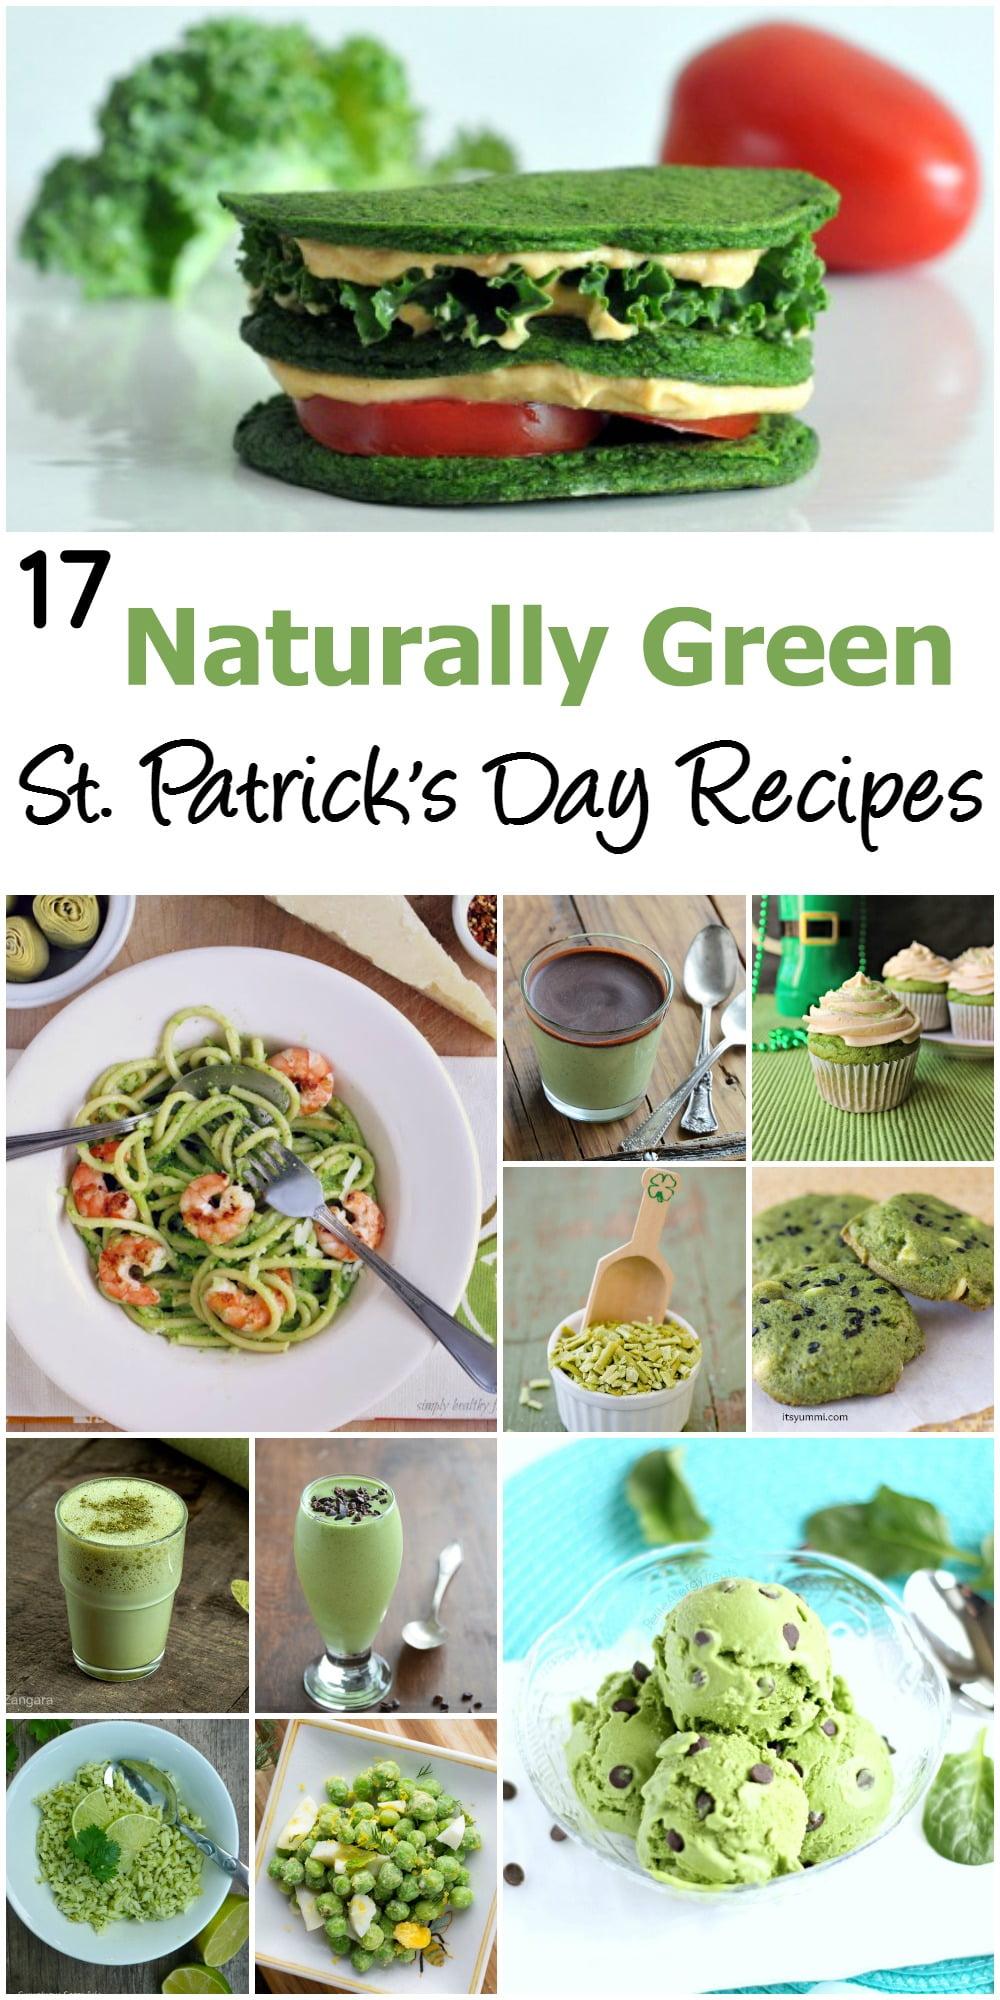 17 Naturally Green Recipes for St. Patrick's Day ~ ItsYummi.com